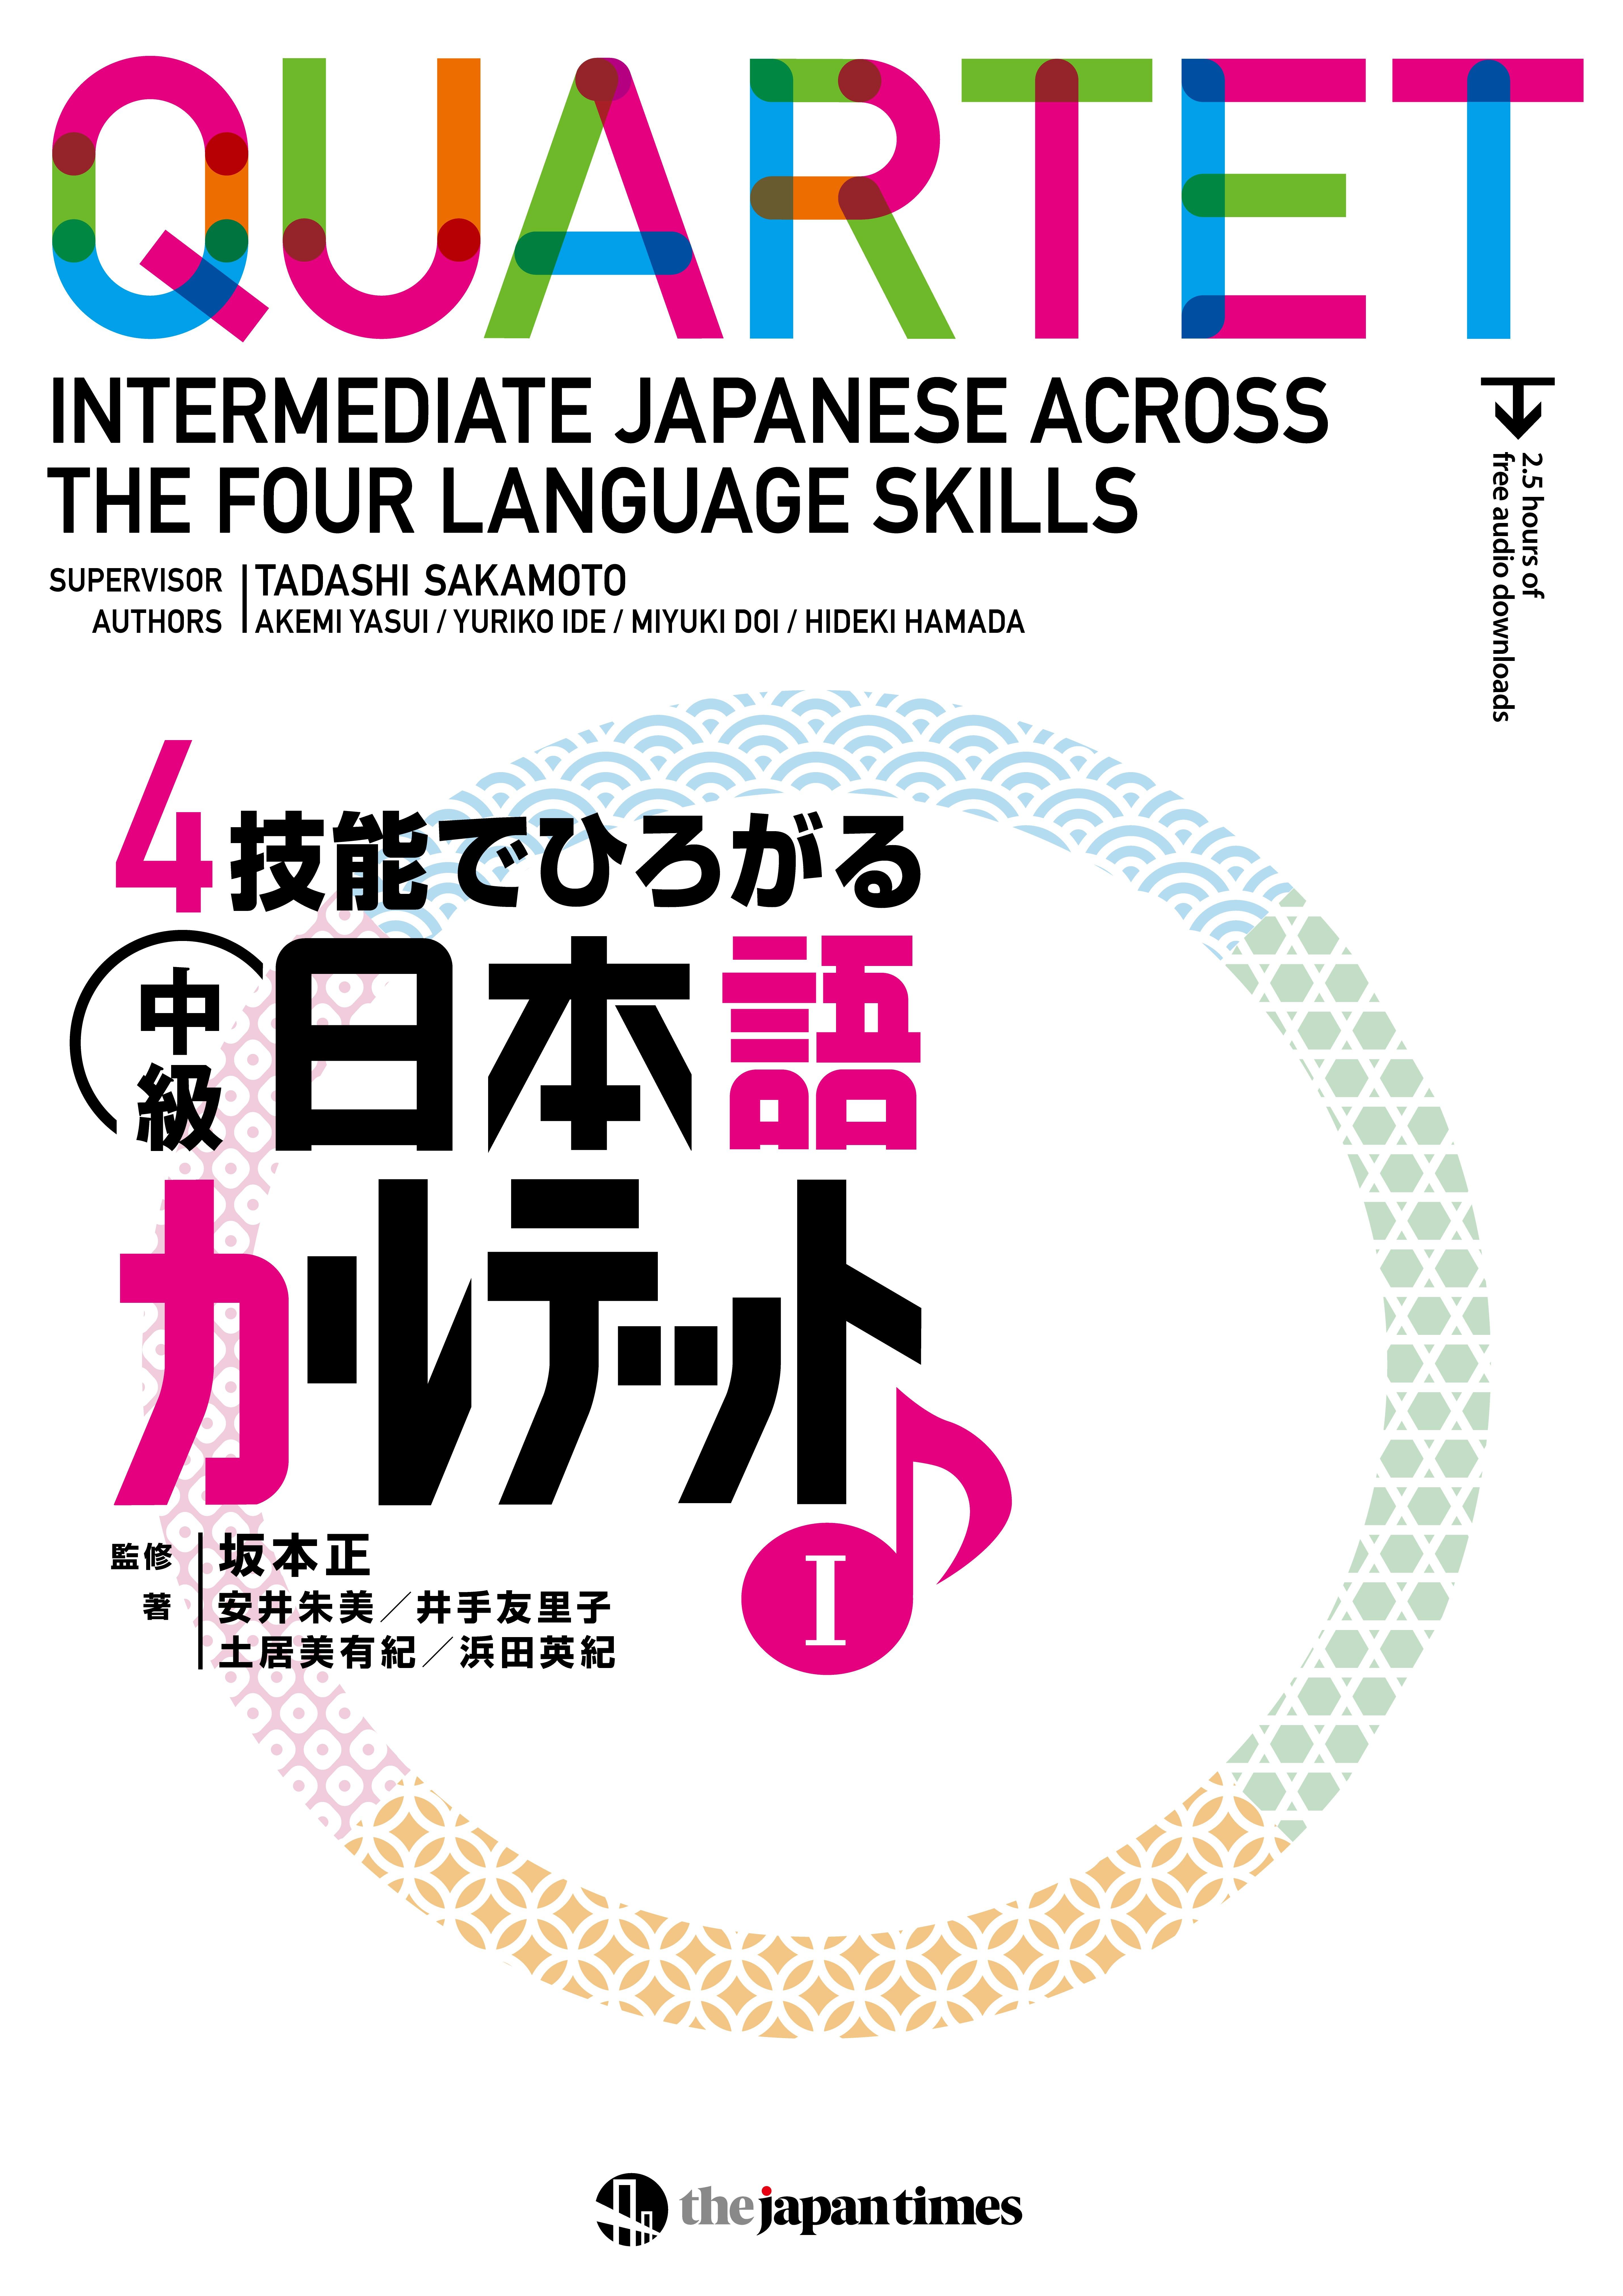 4技能でひろがる 中級日本語カルテット I画像